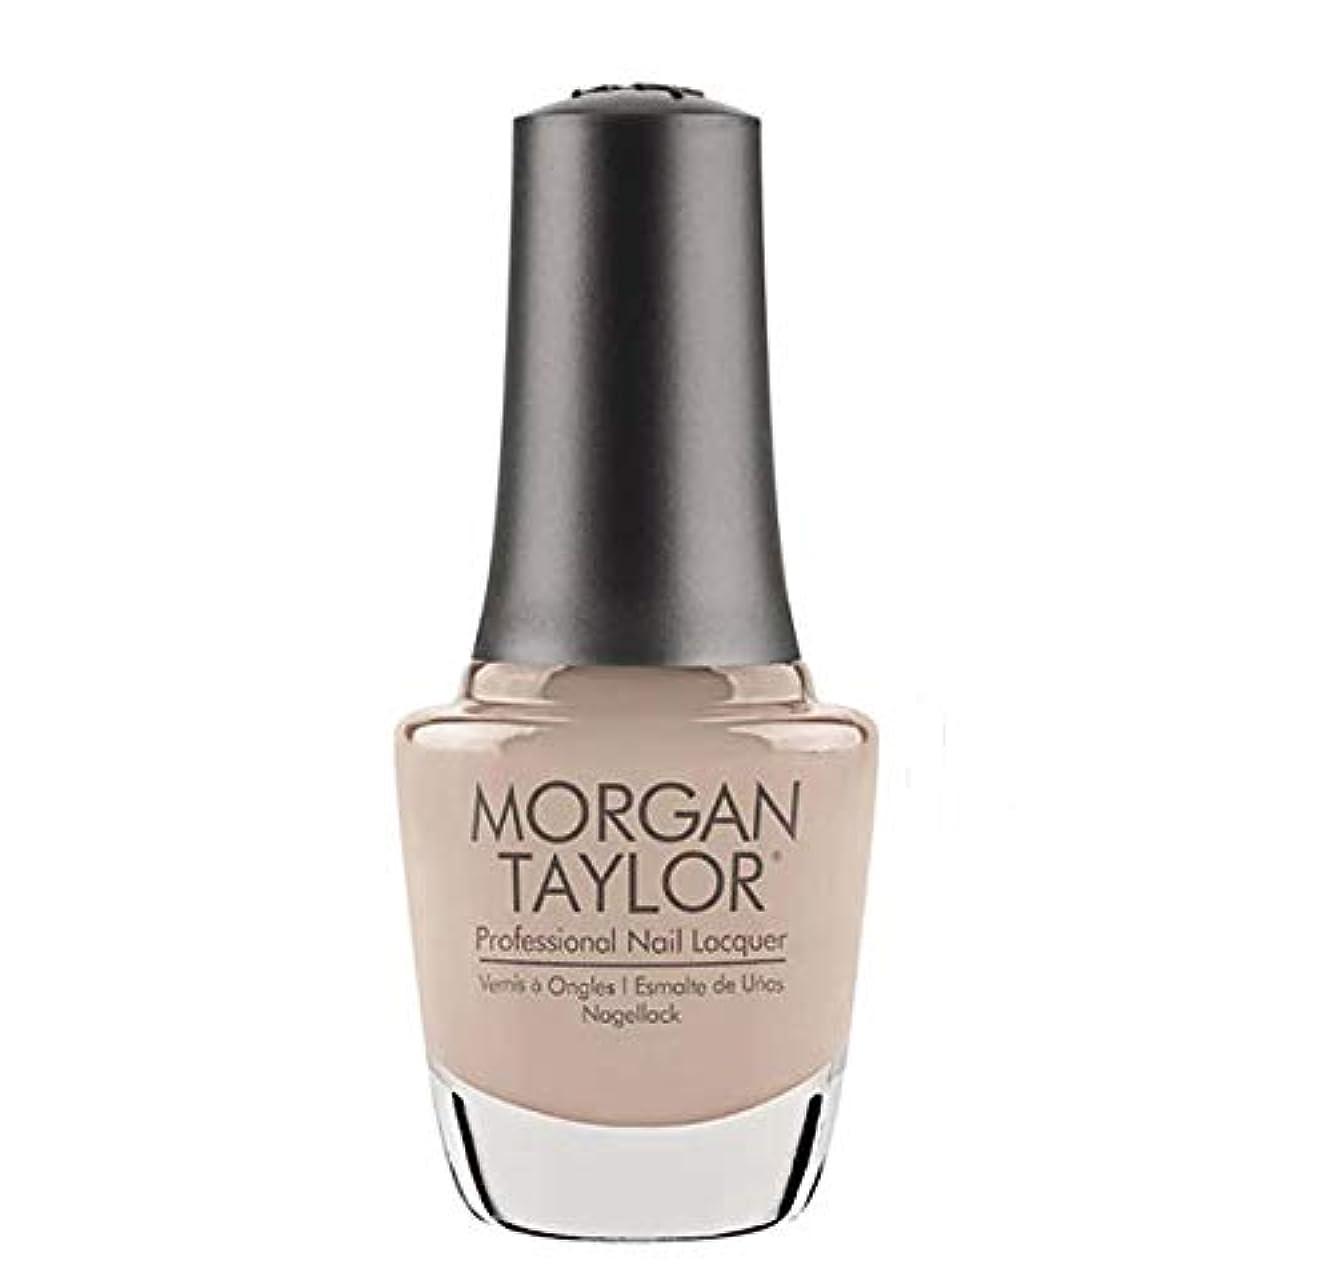 Morgan Taylor - Professional Nail Lacquer - Do I Look Buff? - 15 ml / 0.5 oz